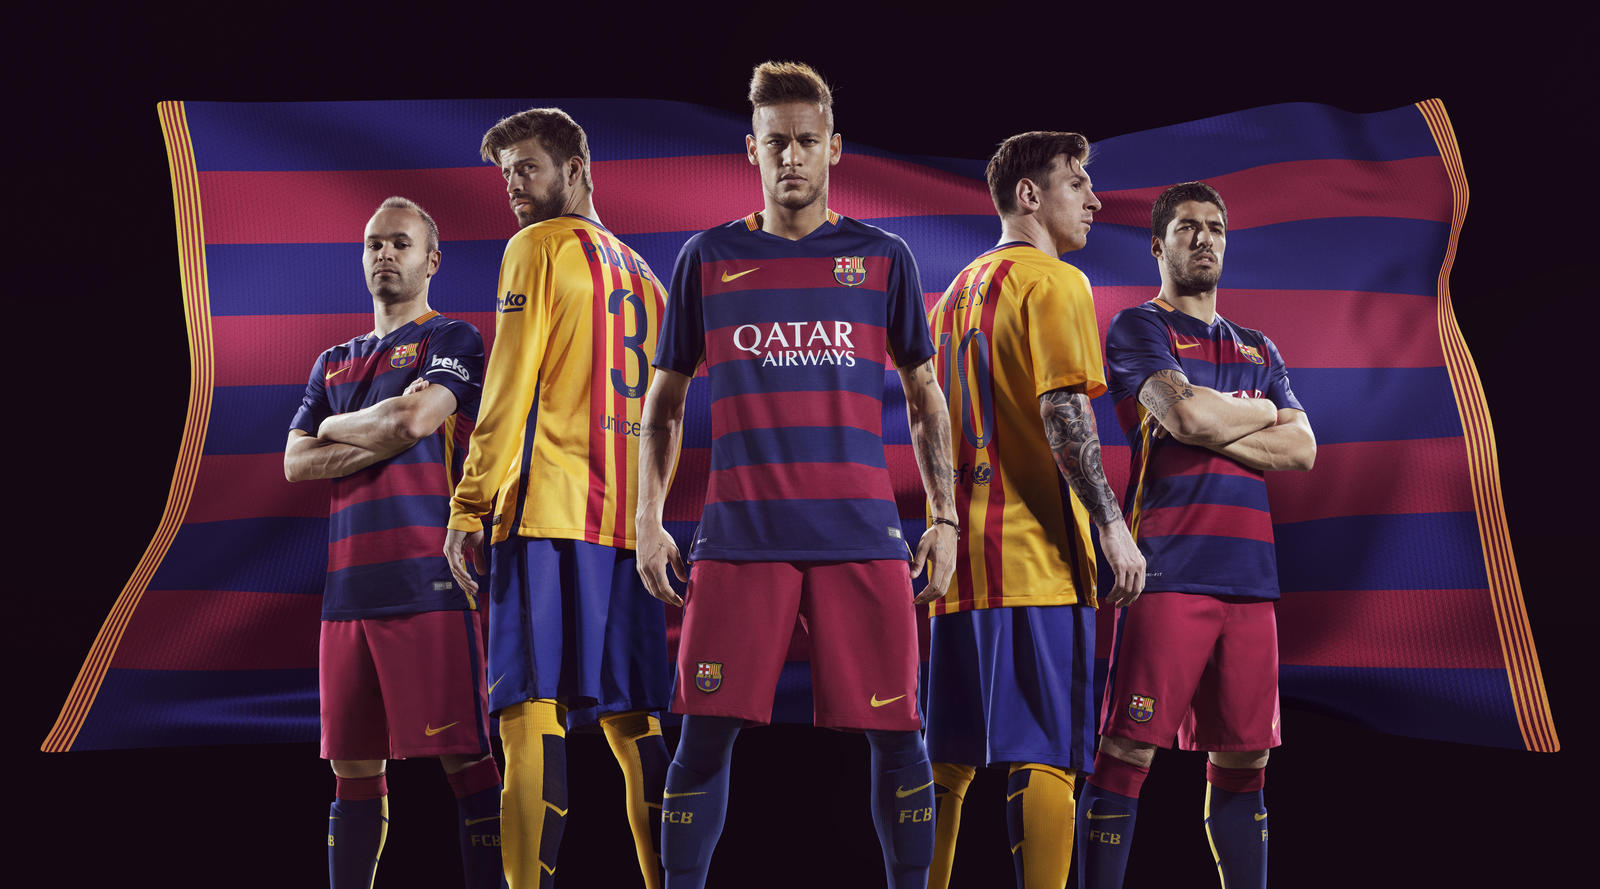 El FC Barcelona ha presentado sus dos primeras equipaciones para la próxima  temporada e03d715df88